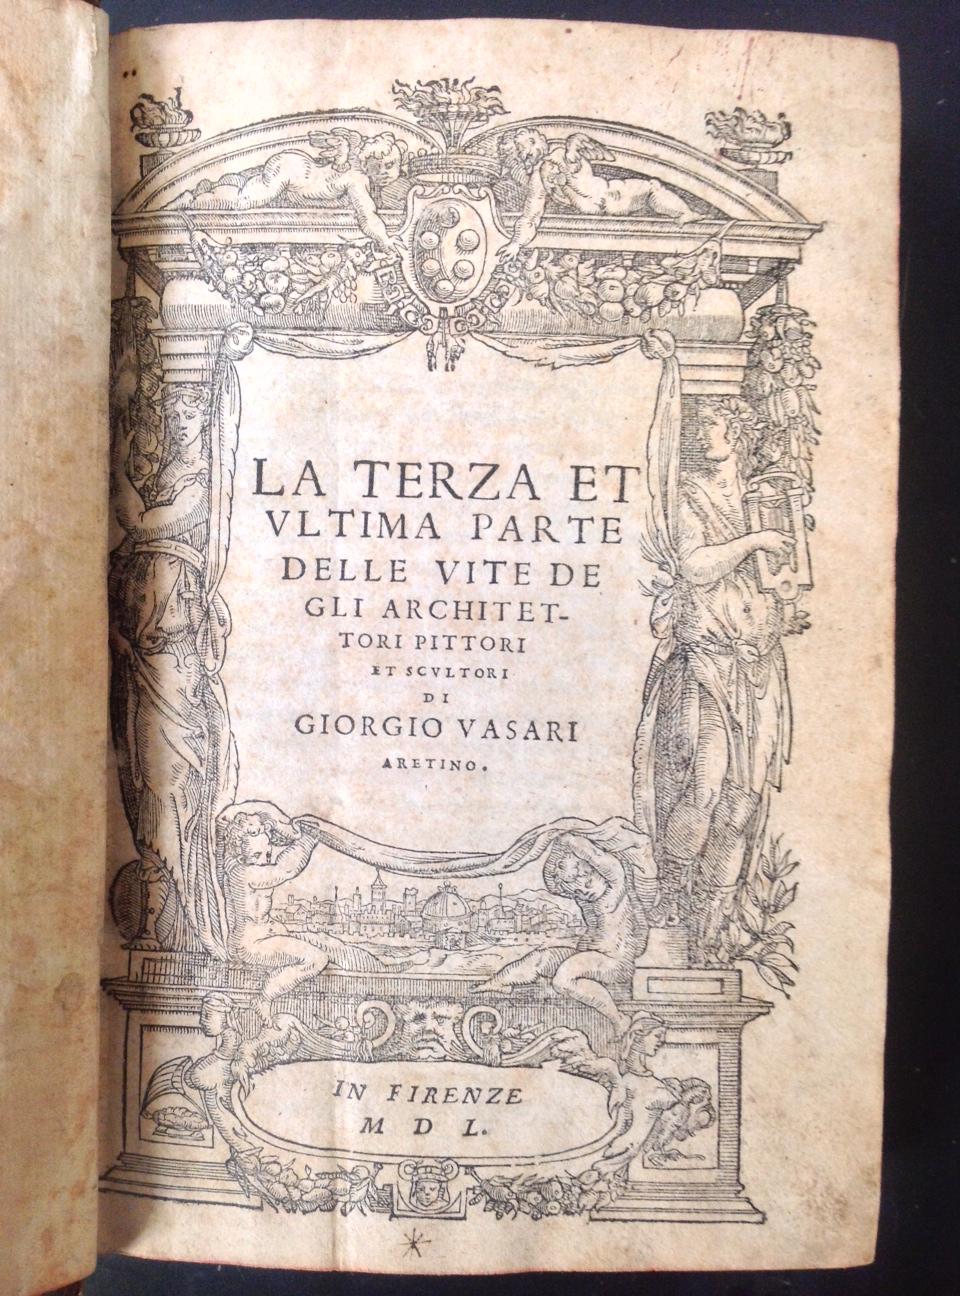 La Terza Et Ultima Parte Delle Vite Degli Architettori Pittori Scultori Di Giorgio Vasari Arentino Ed Originale 15 X 215 Un Volume In Quarto